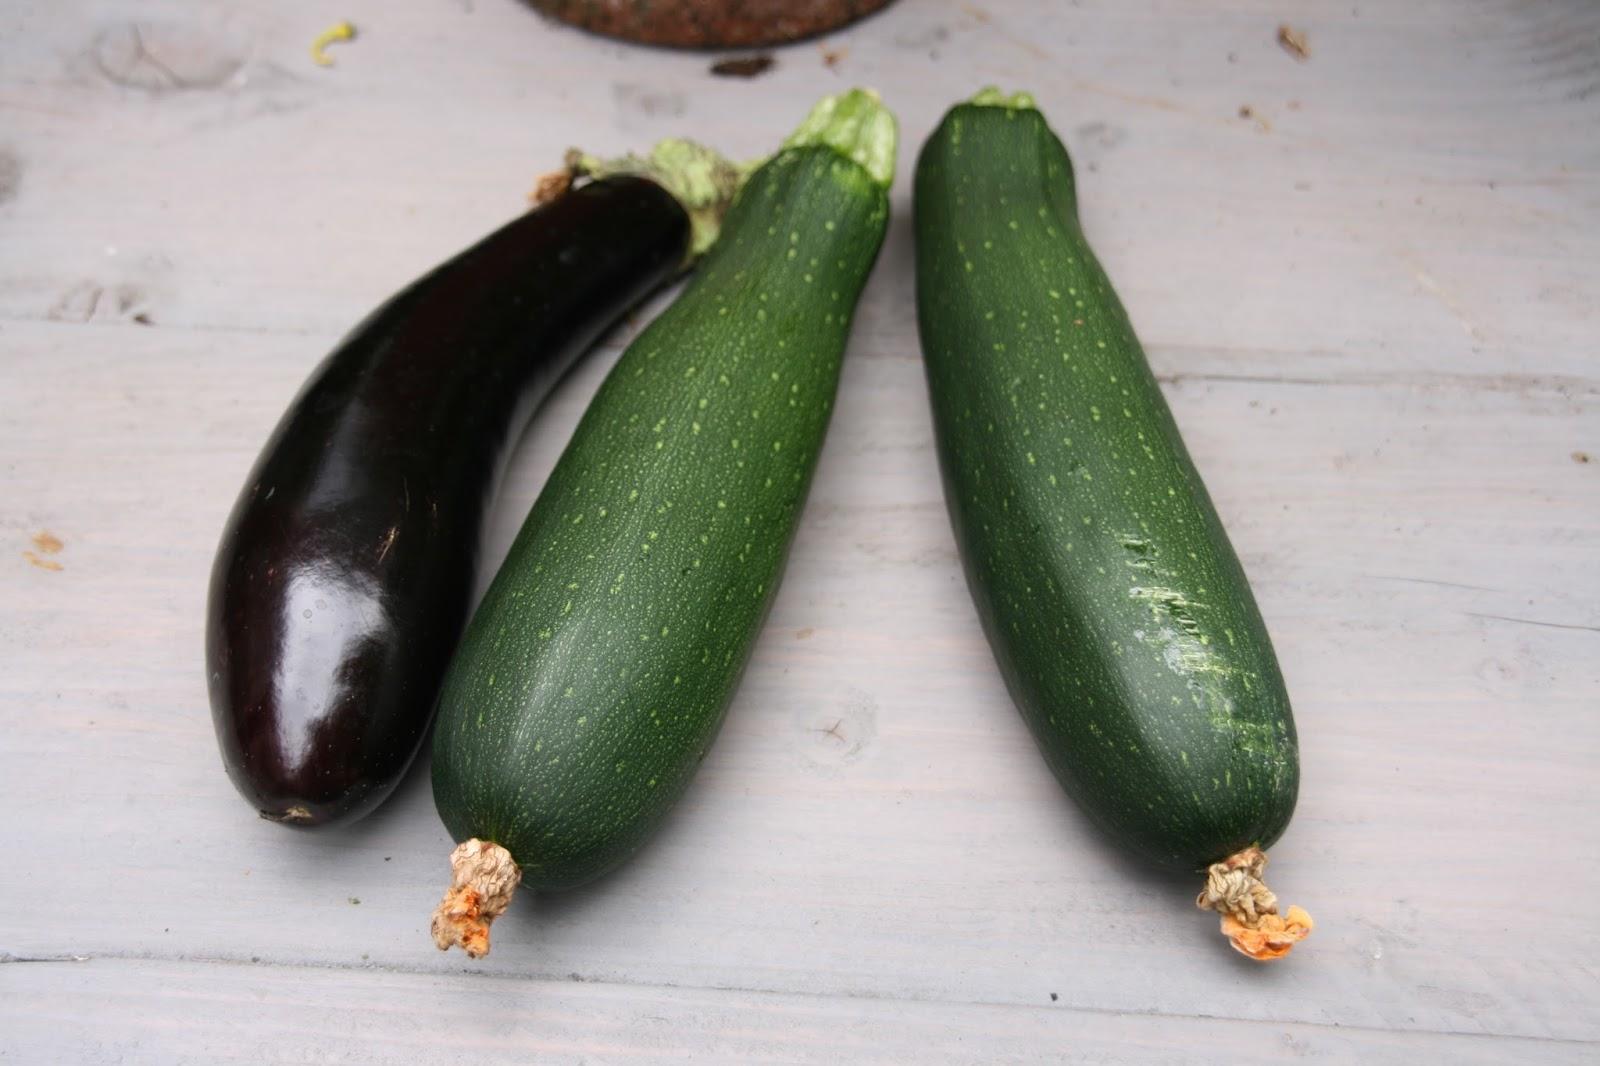 Tía pepa (re)styling: groenten van het balkon en bye bye pink